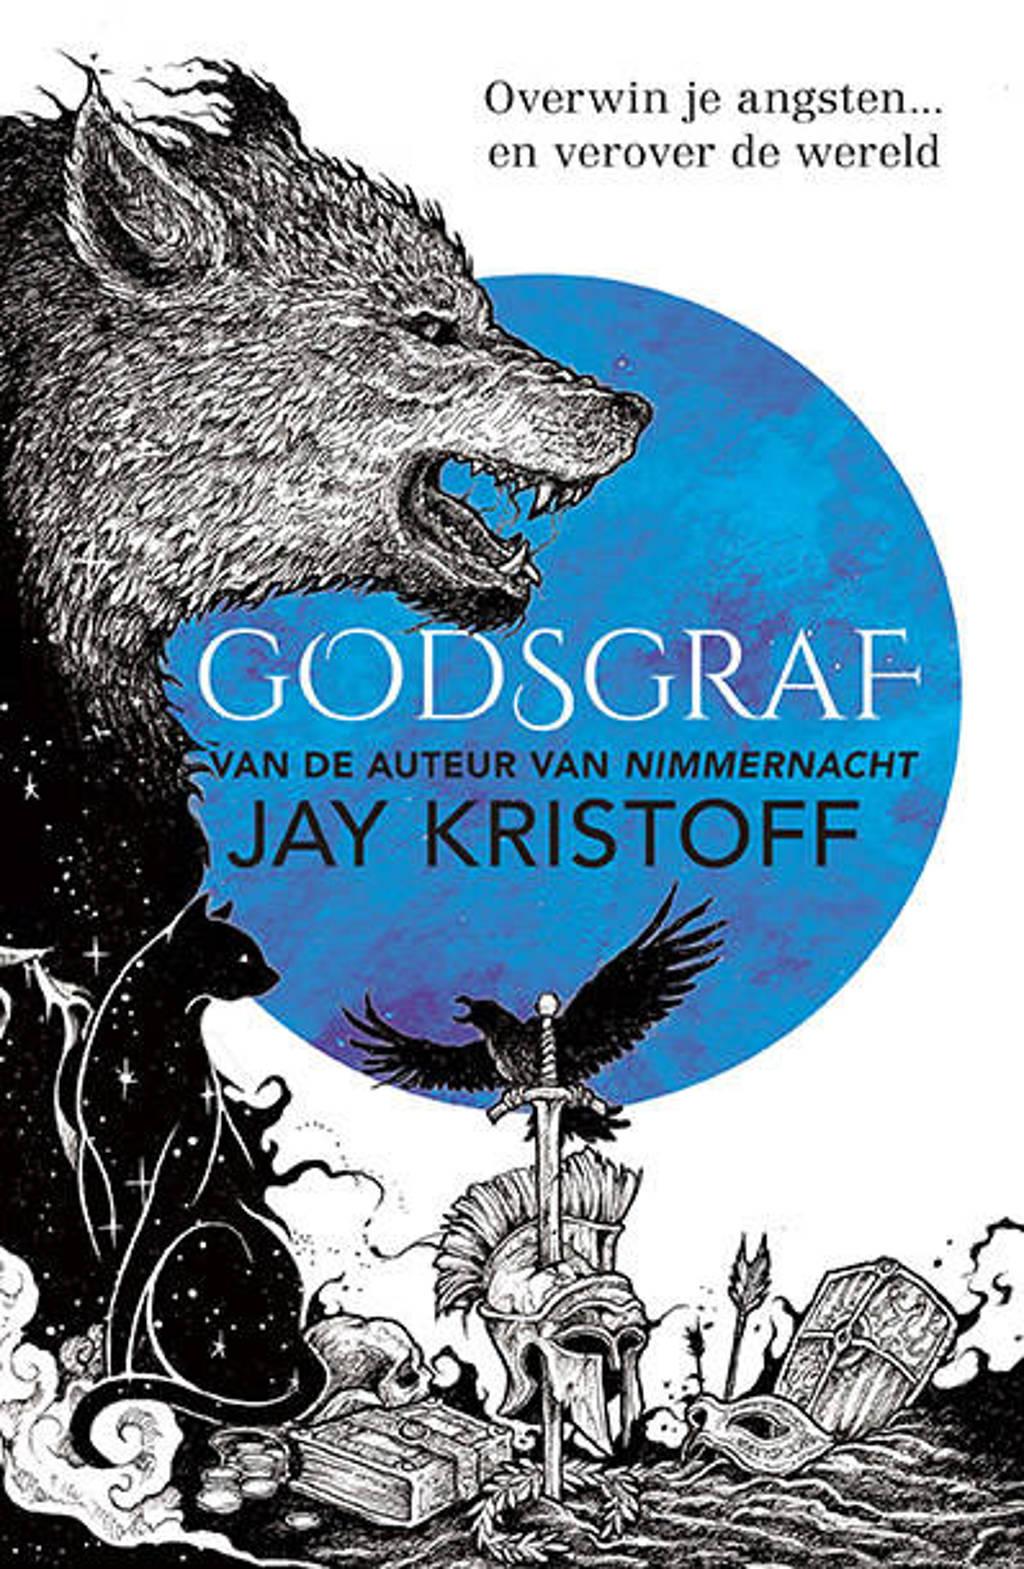 Nimmernacht: Godsgraf - Jay Kristoff